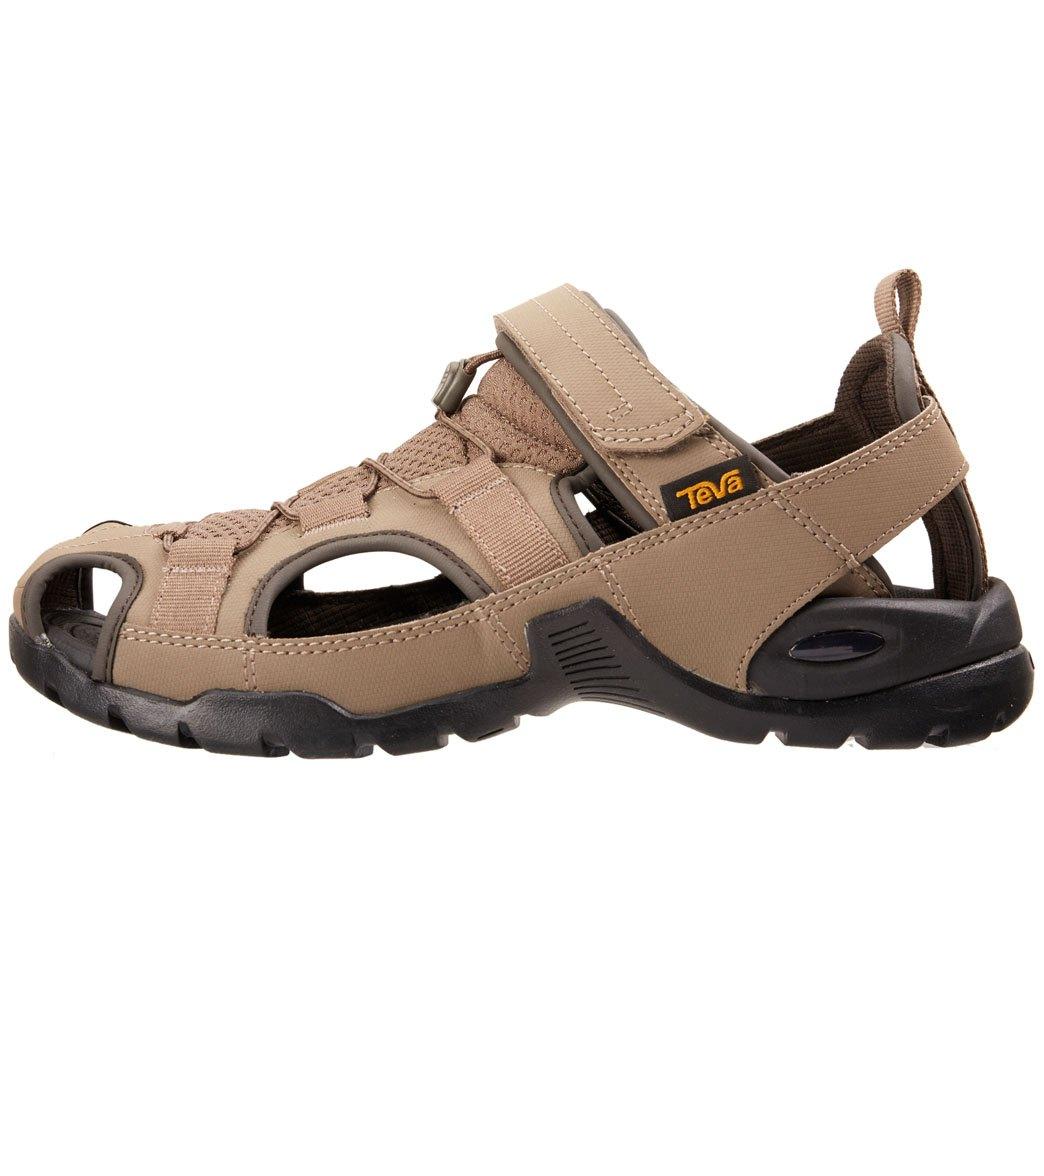 98a4875c8e7e Teva Men s Forebay 2 Sandal at SwimOutlet.com - Free Shipping